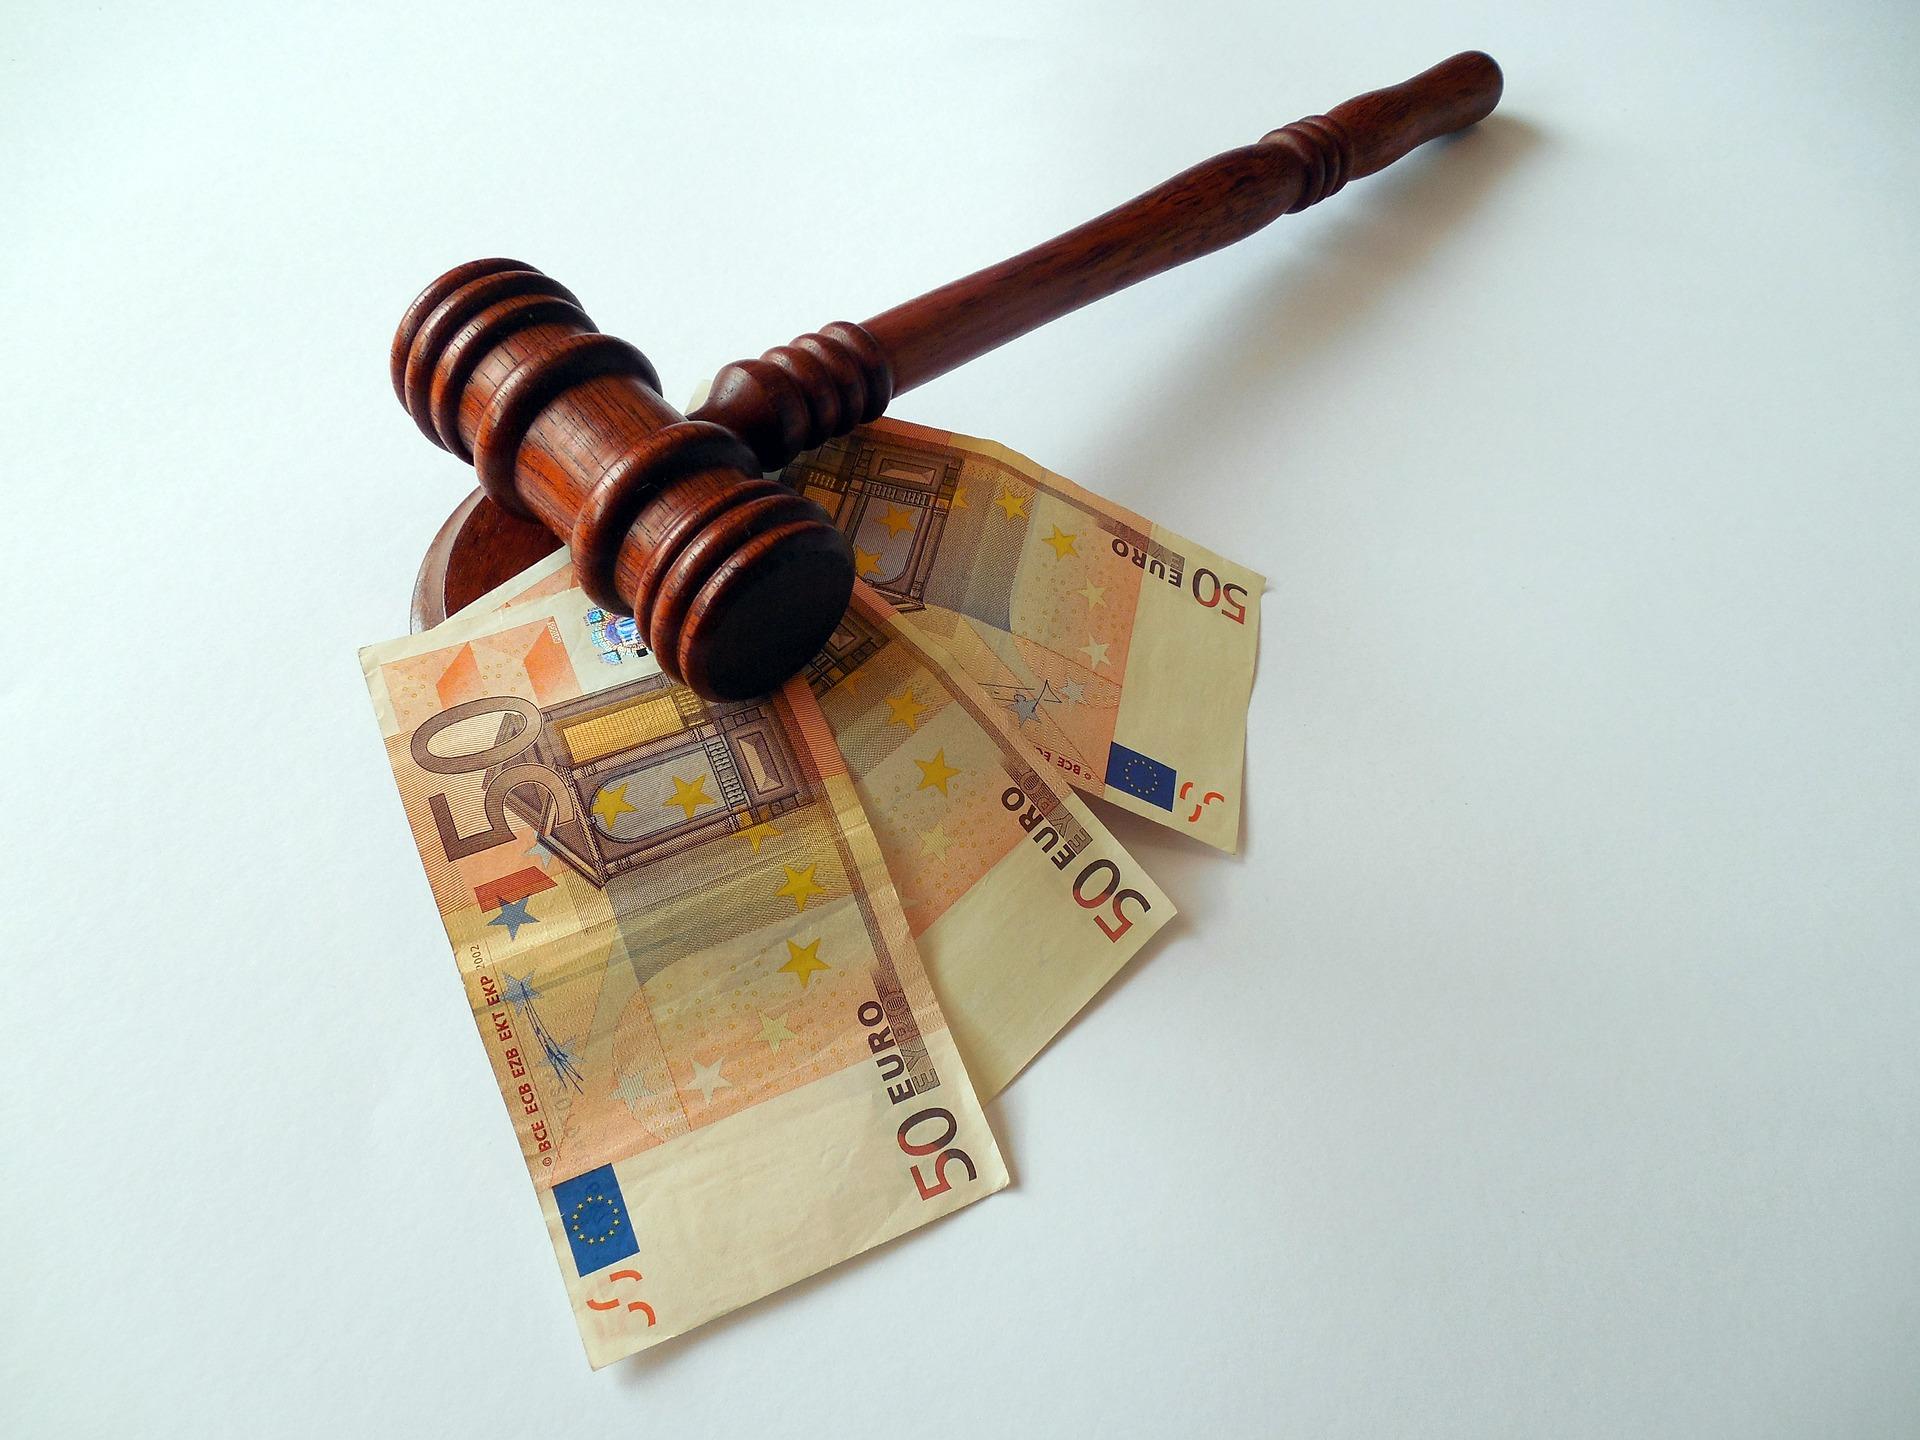 Obraz Zdzisława Beksińskiego został sprzedany  za 600 tysięcy złotych! - Zdjęcie główne